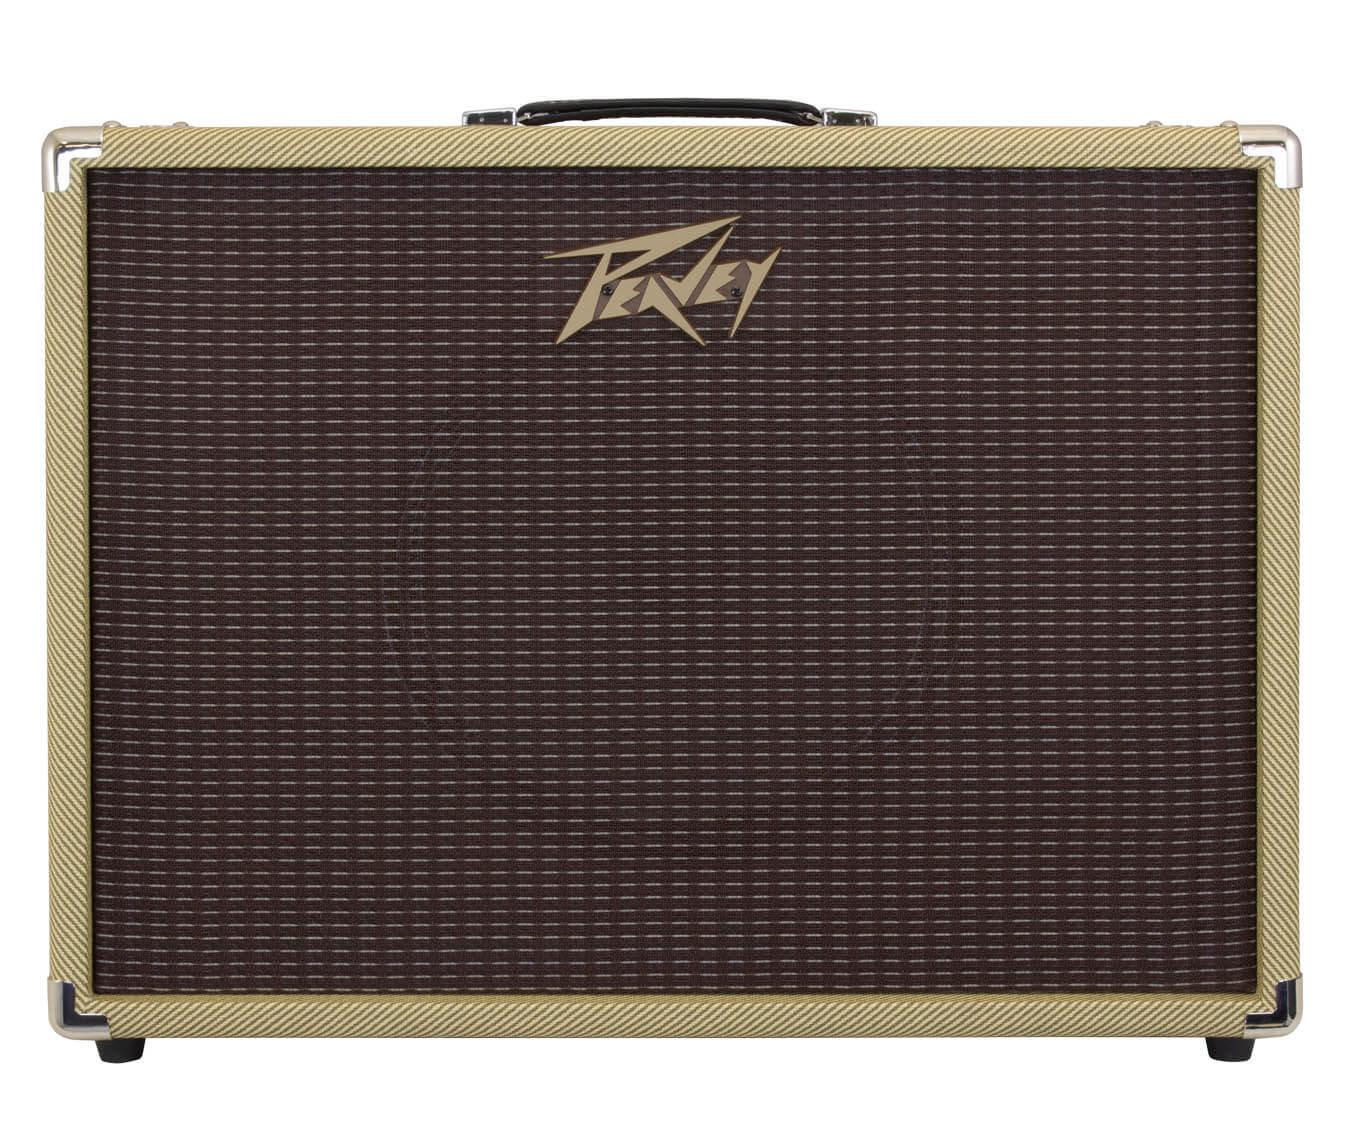 Peavey 112-C guitarforstærker-kabinet